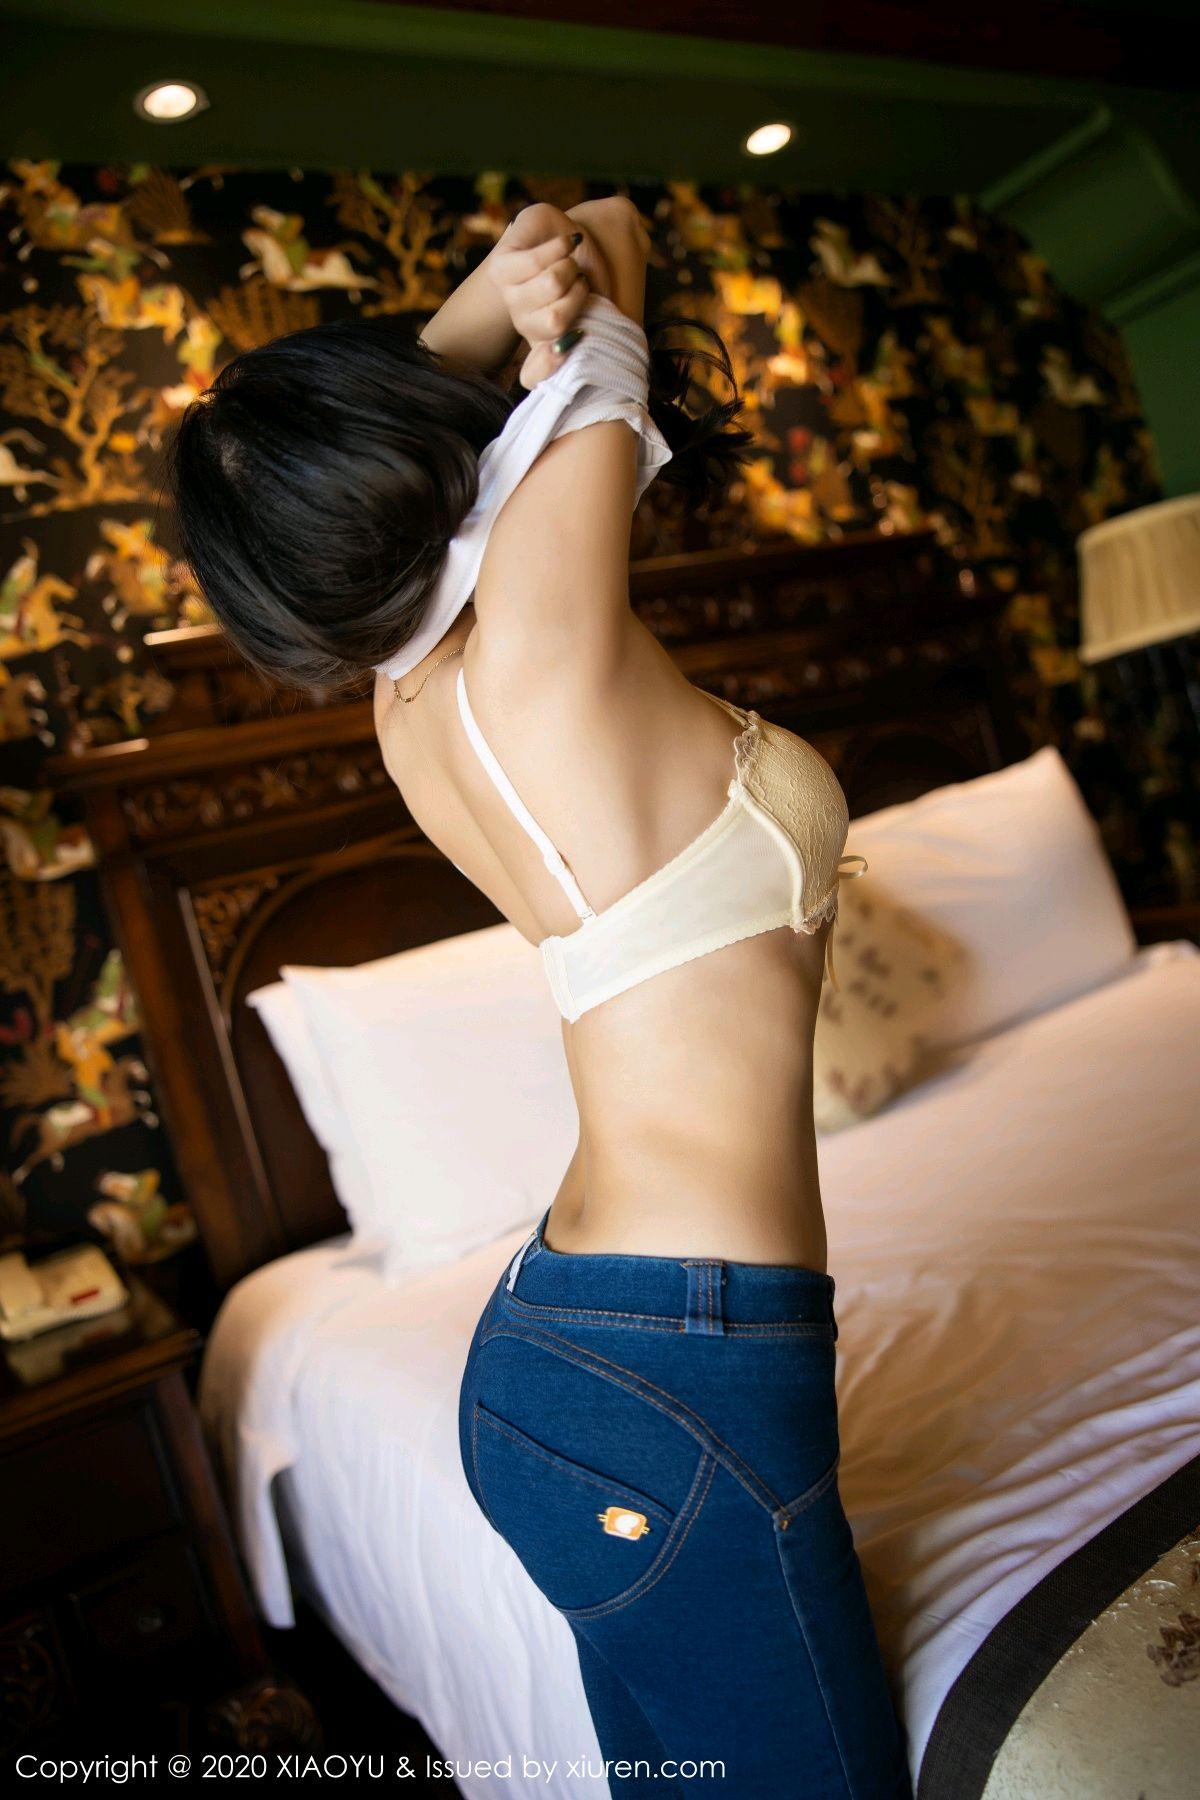 [XiaoYu] Vol.300 Yang Chen Chen 9P, Underwear, XiaoYu, Yang Chen Chen